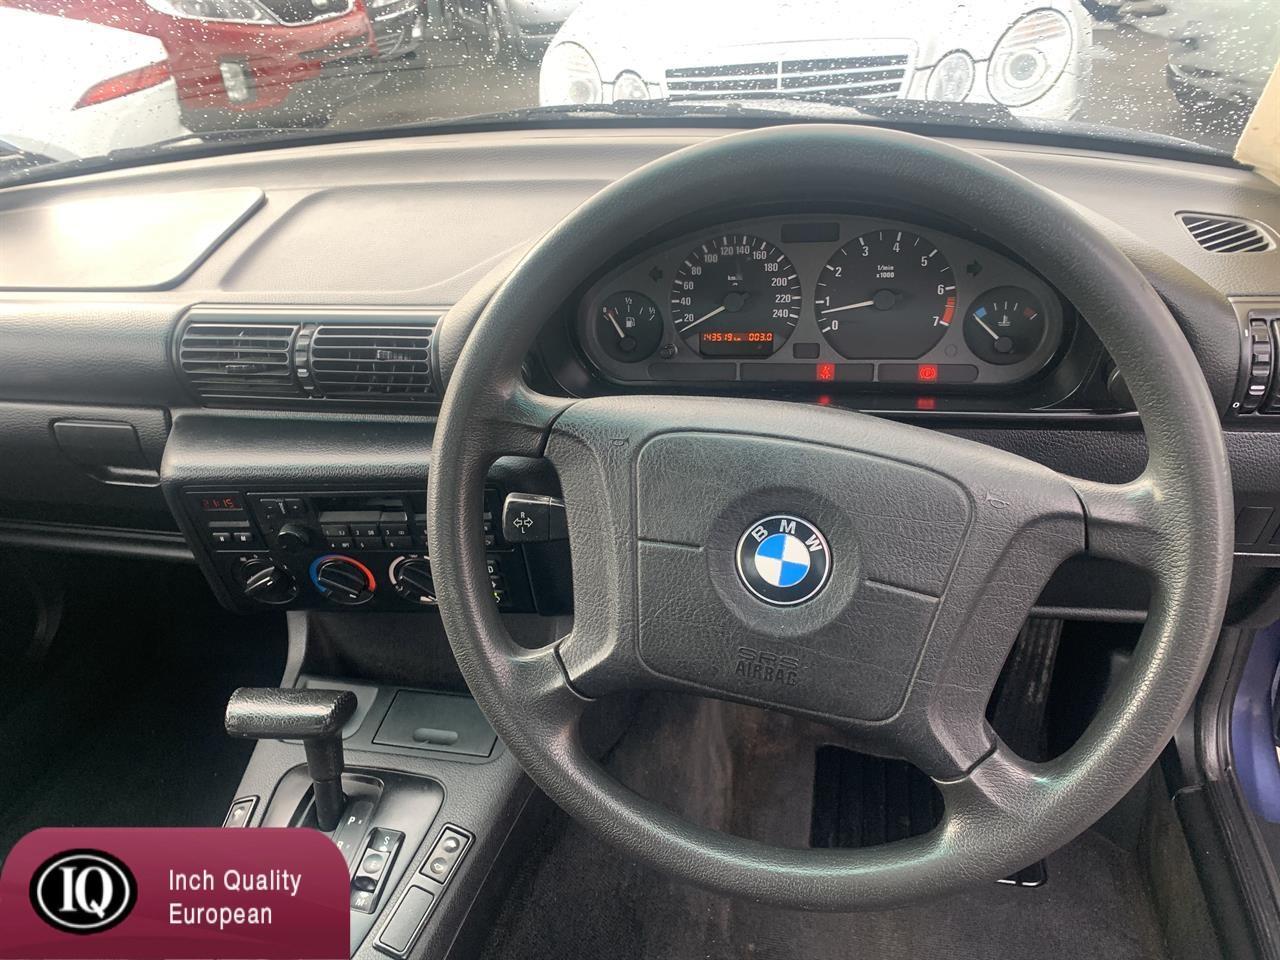 image-6, 1996 BMW 318Ti at Christchurch